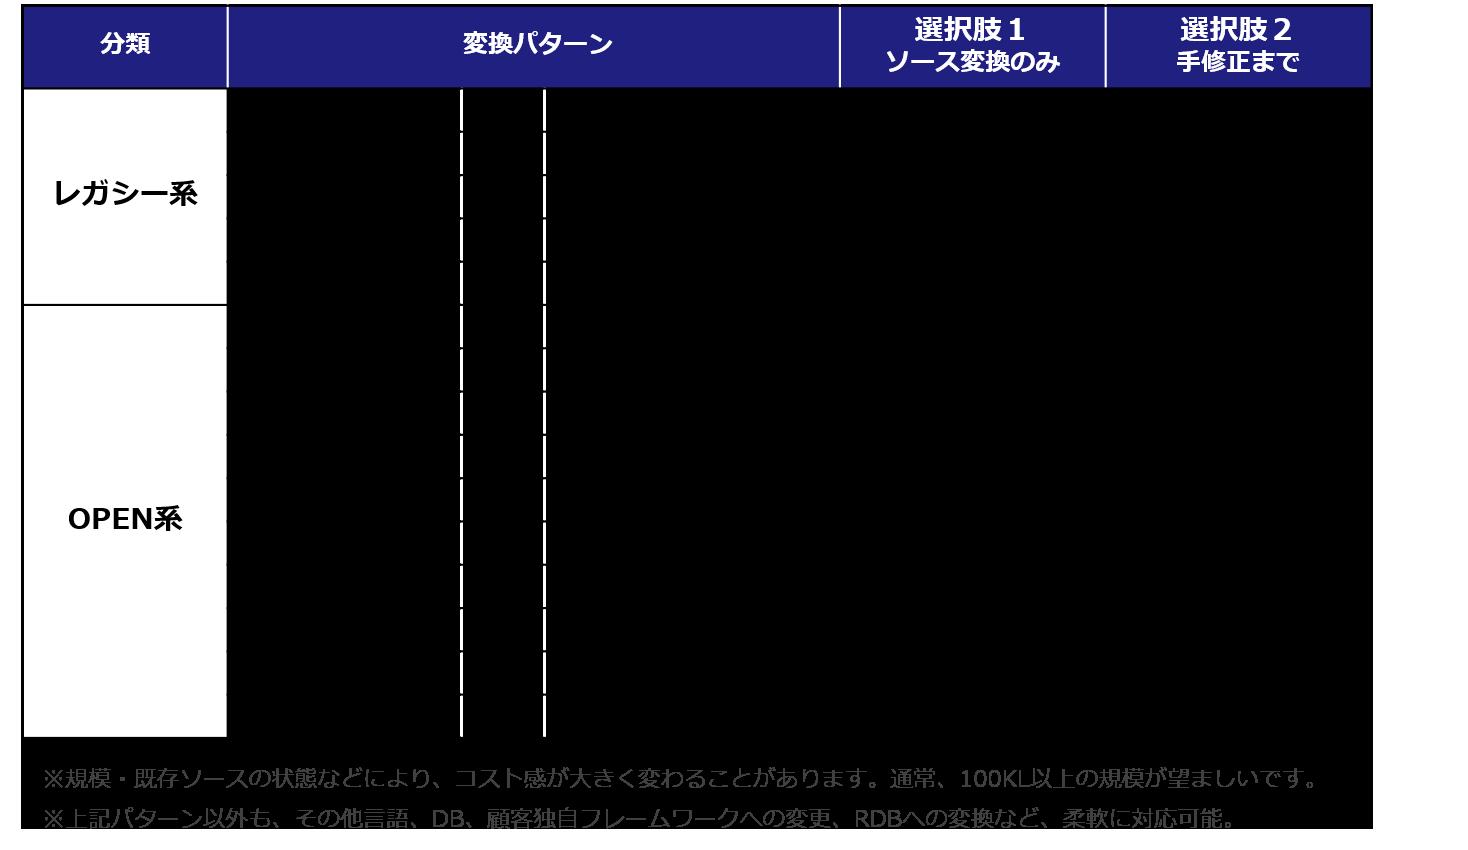 選択肢1、選択肢2の主要変換パターンのコスト感